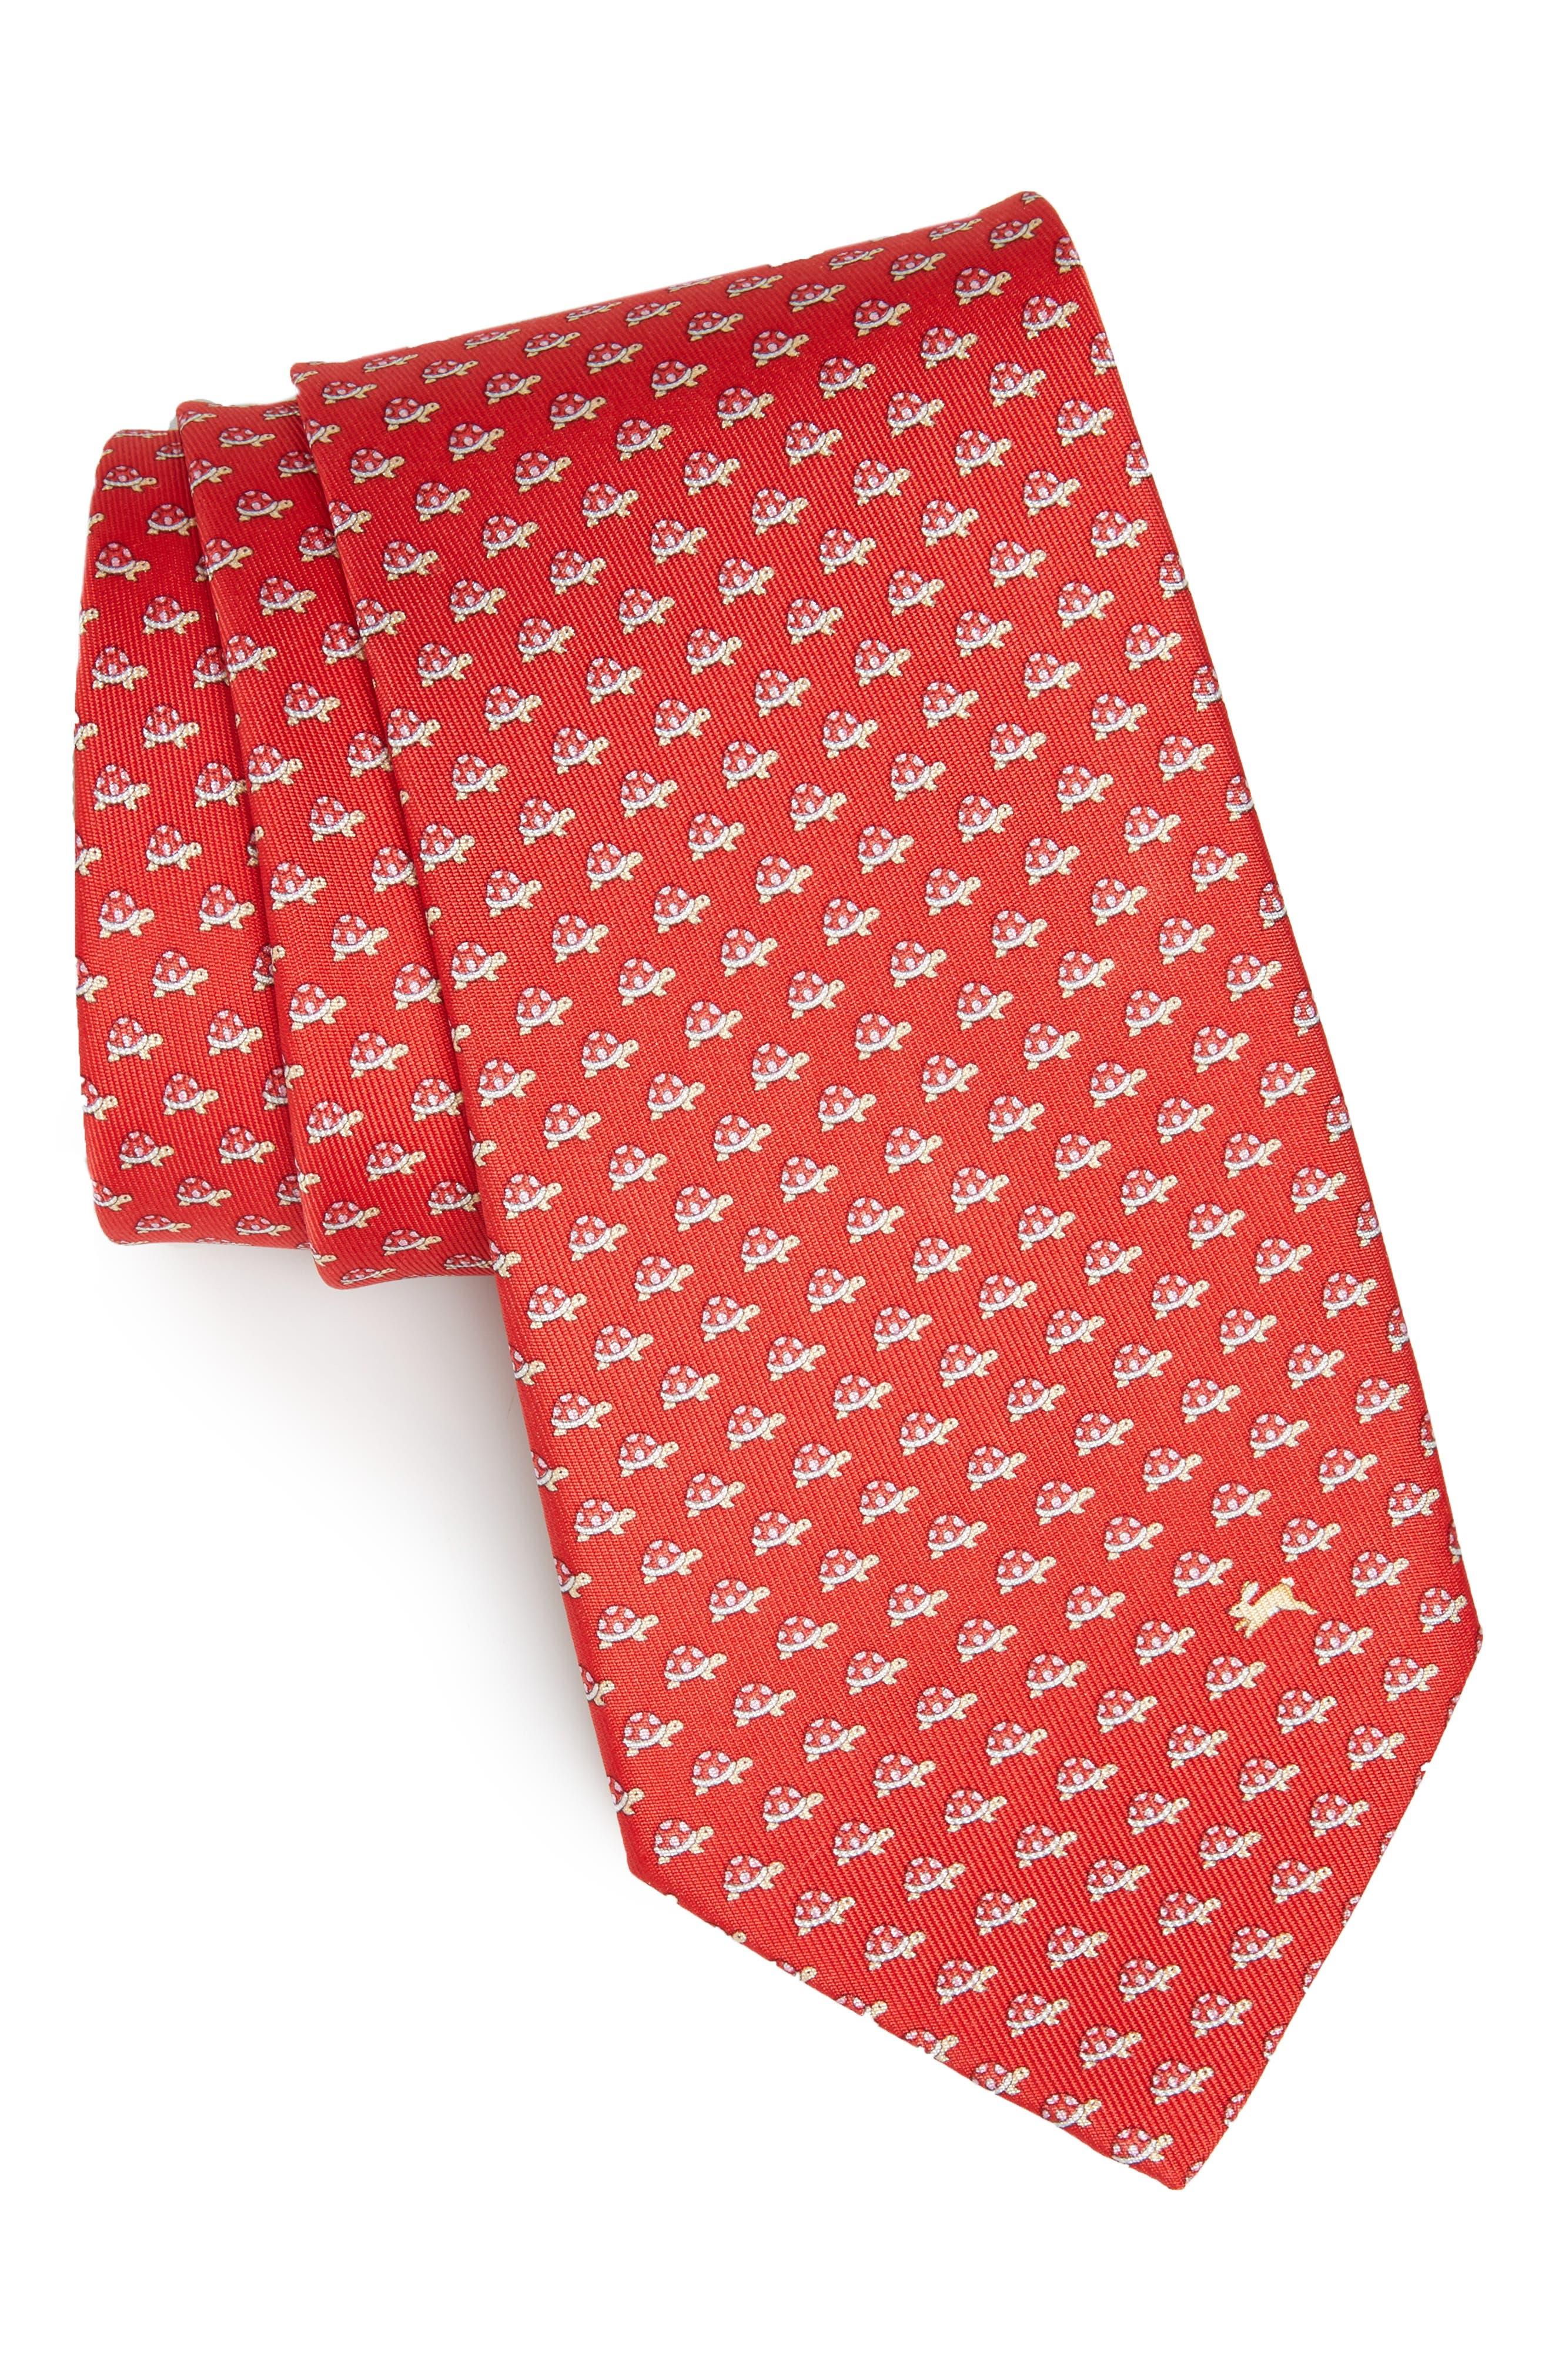 Gaudio Print Silk Tie, Main, color, RED/ CORAL